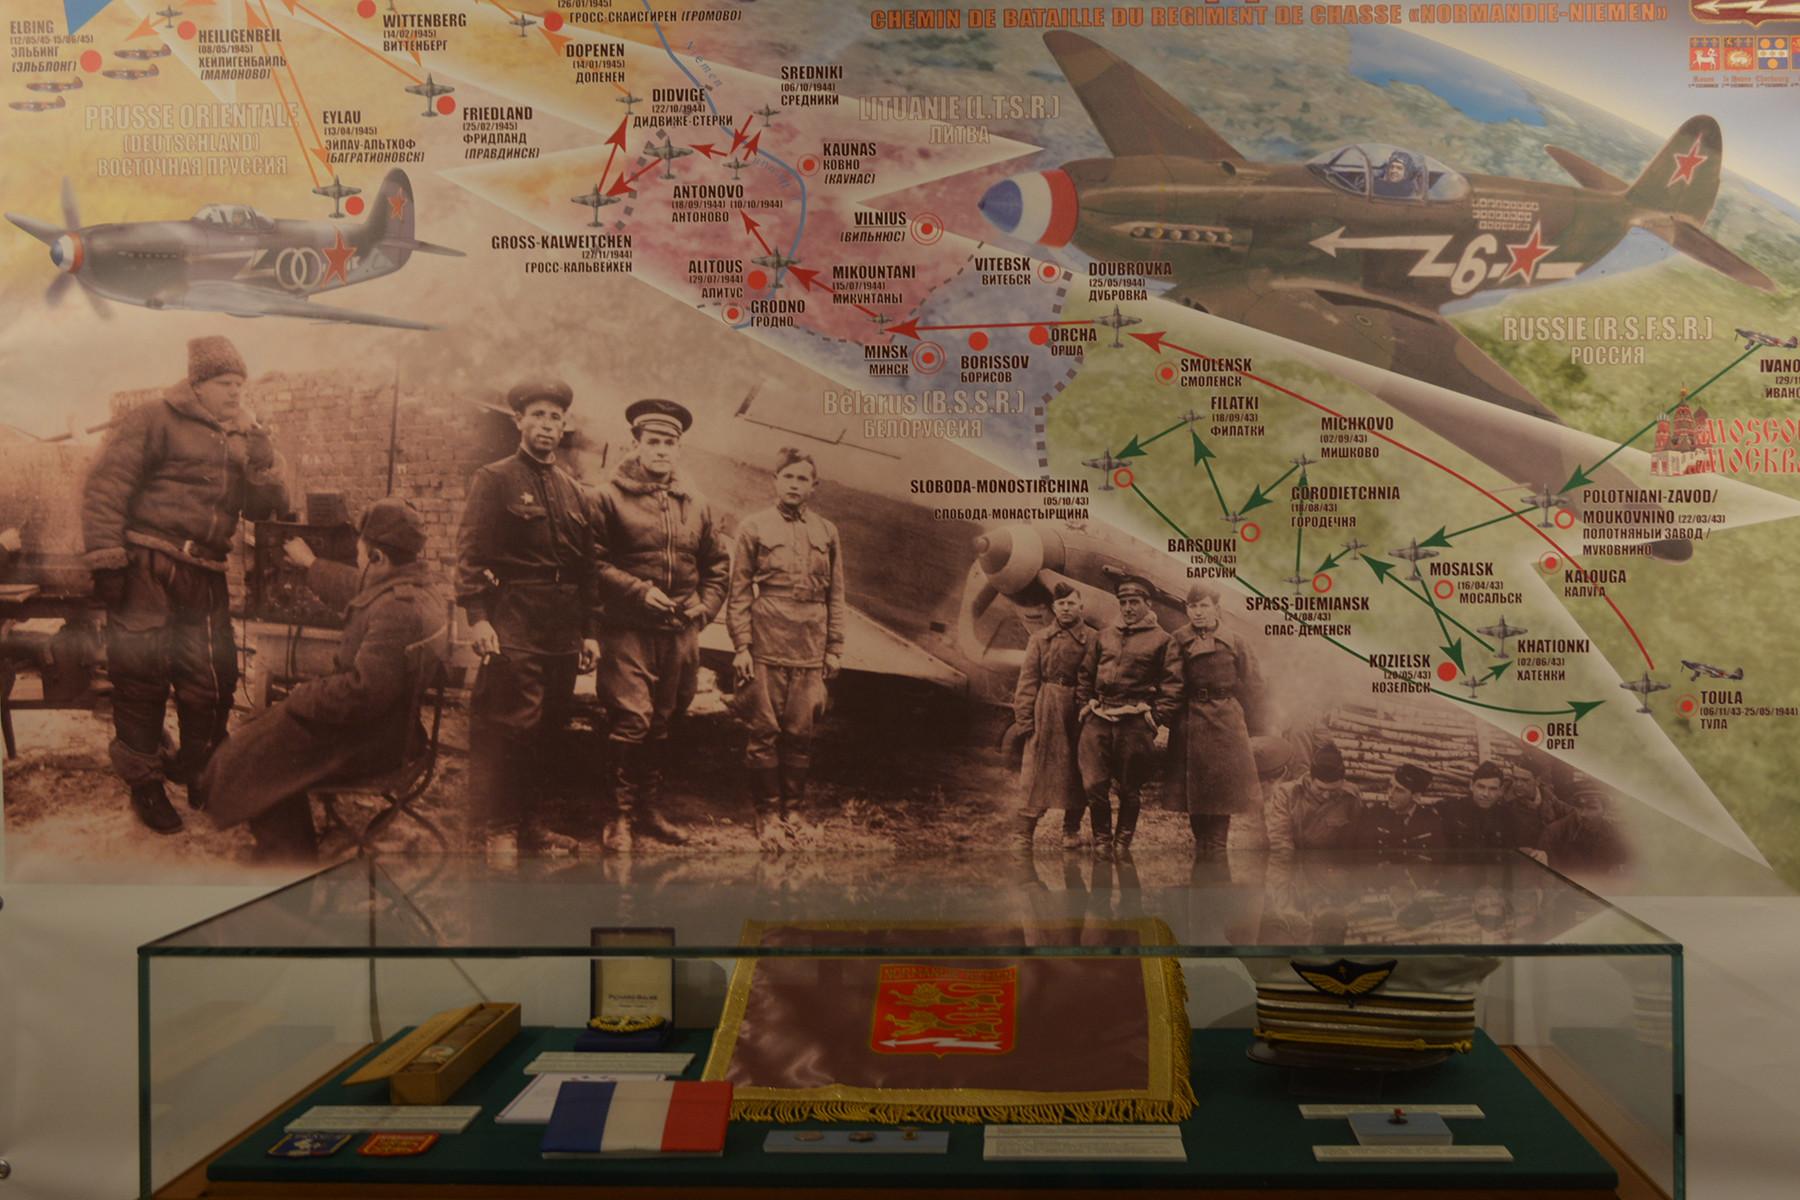 Exposition Normandie-Niemen à la Maison de la société historique russe